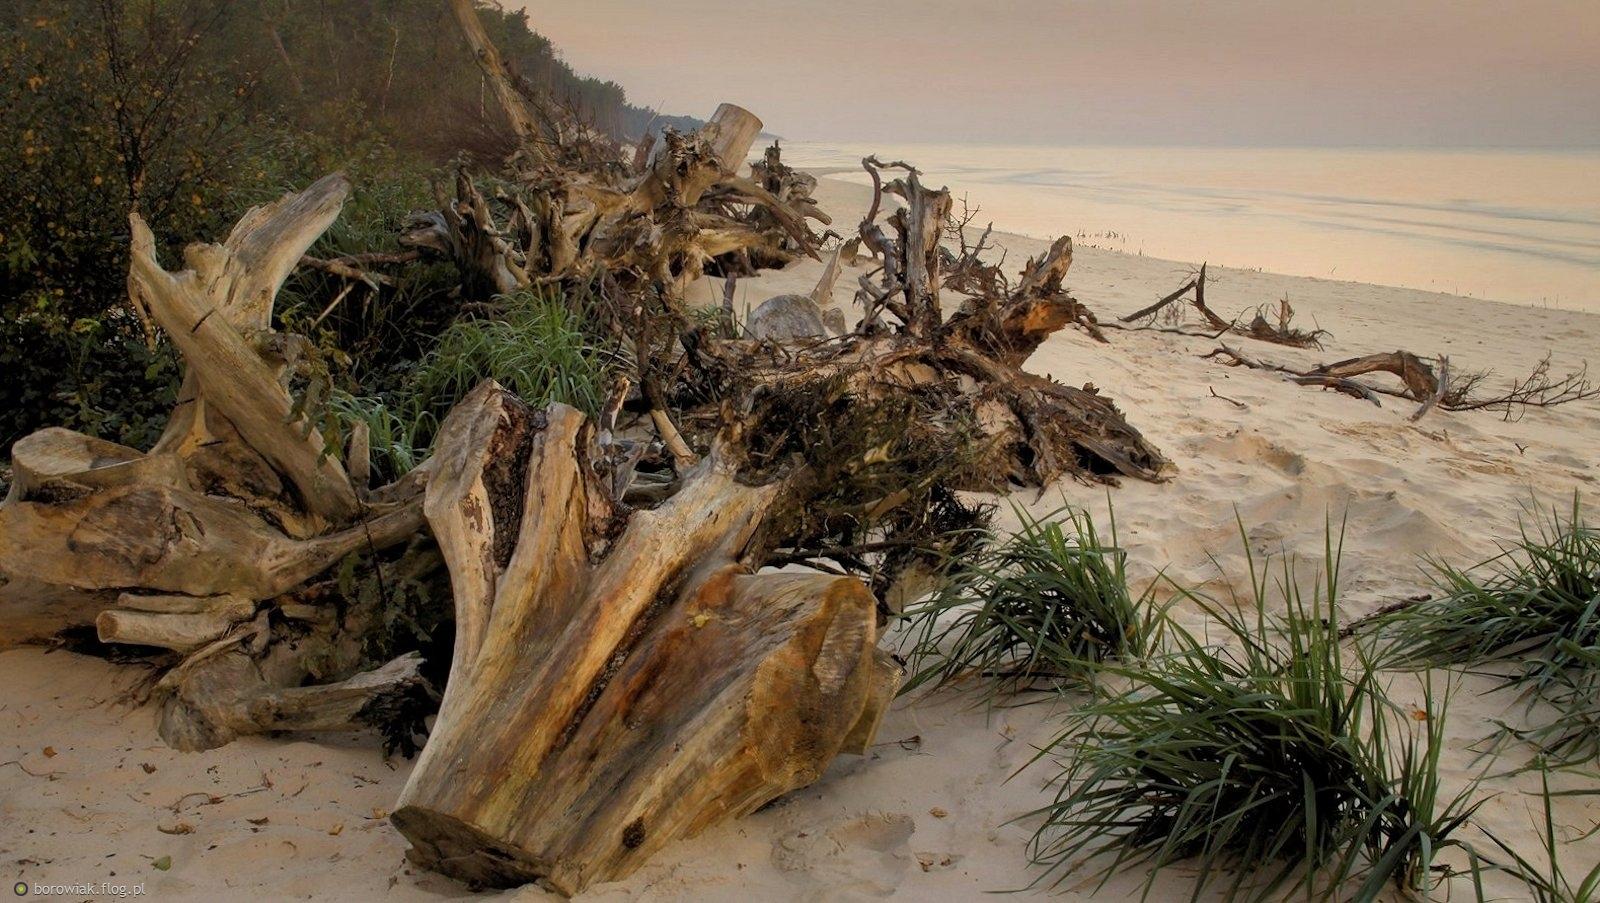 Jesienne i zimowe sztormy rozłożą je jak kocyki na plaży...